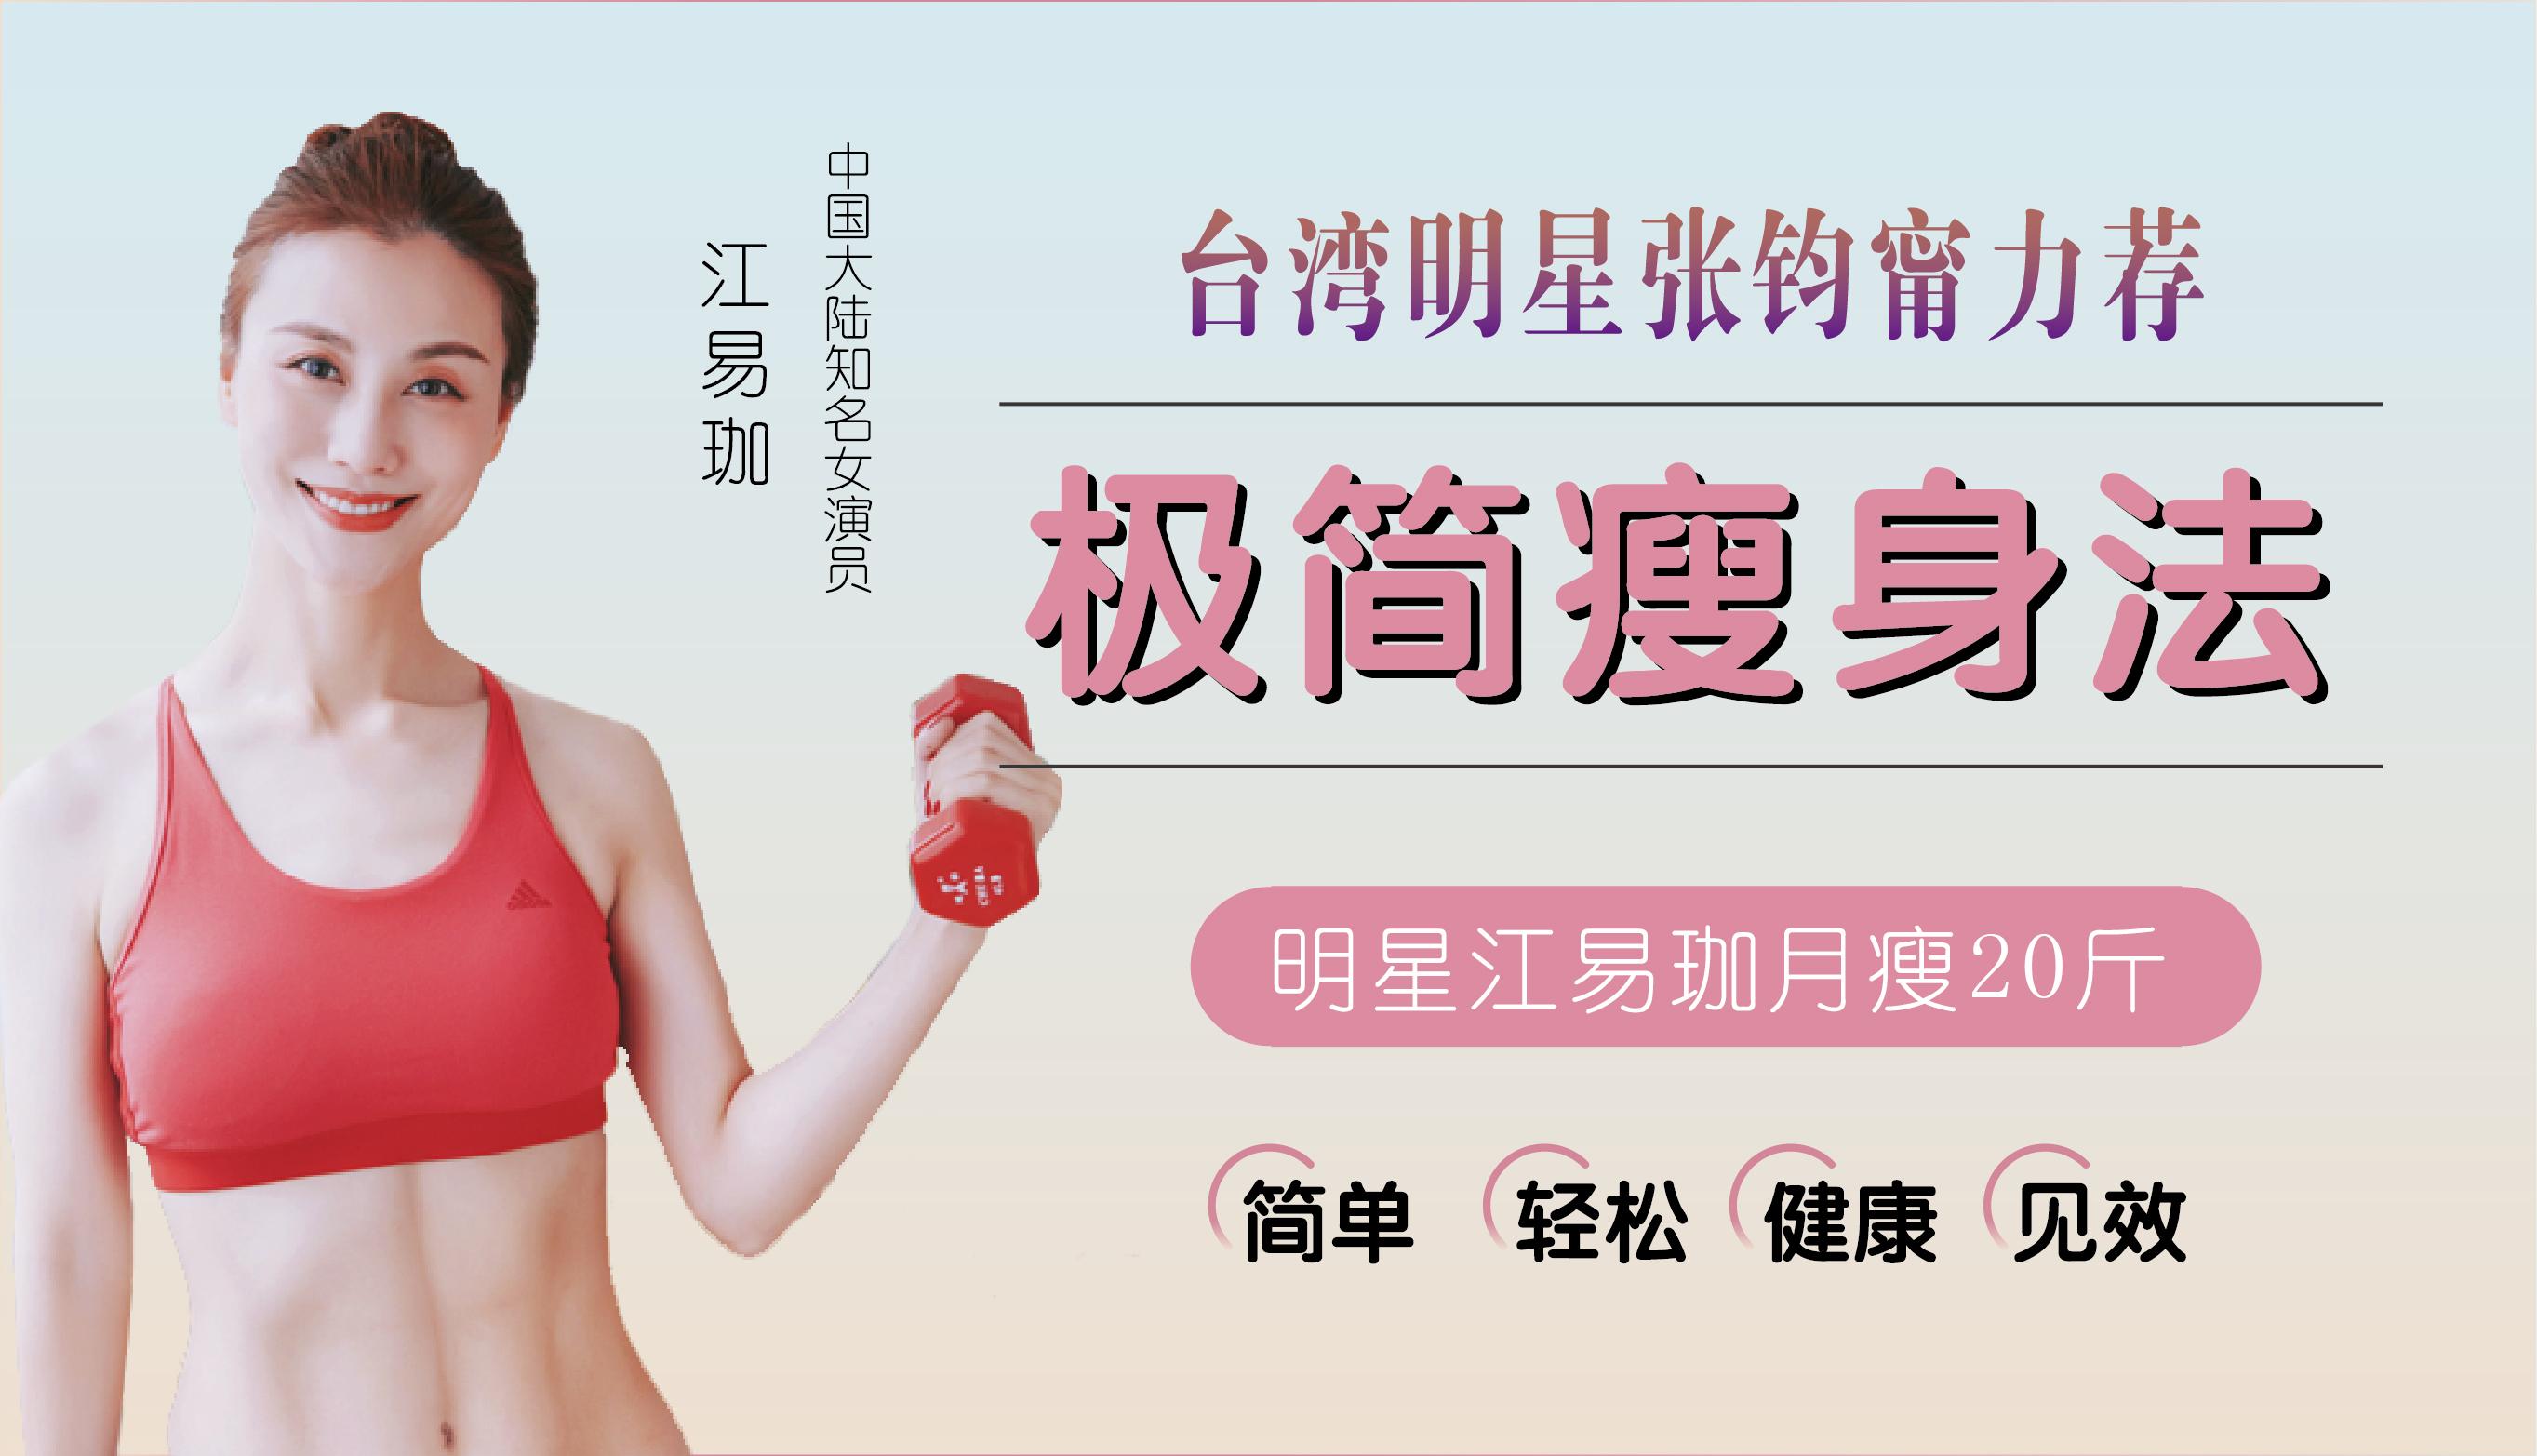 张钧甯点赞的瘦身法:不吃药、不节食,2个月狂瘦30斤,她是怎么做到的?